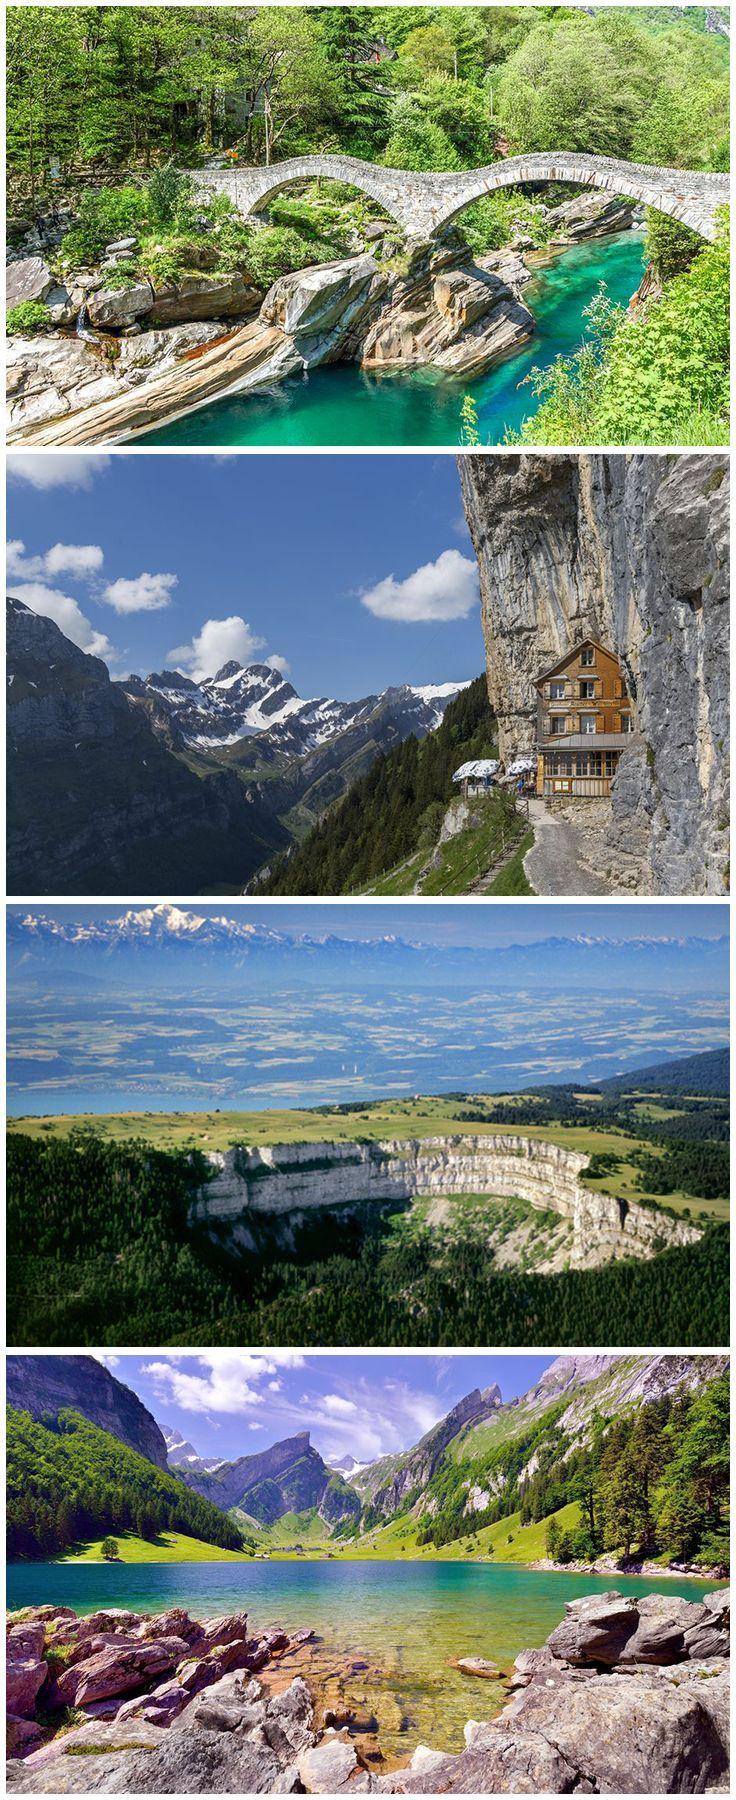 , Die fünf schönsten Geheimtipp-Wanderungen in der Schweiz, My Travels Blog 2020, My Travels Blog 2020